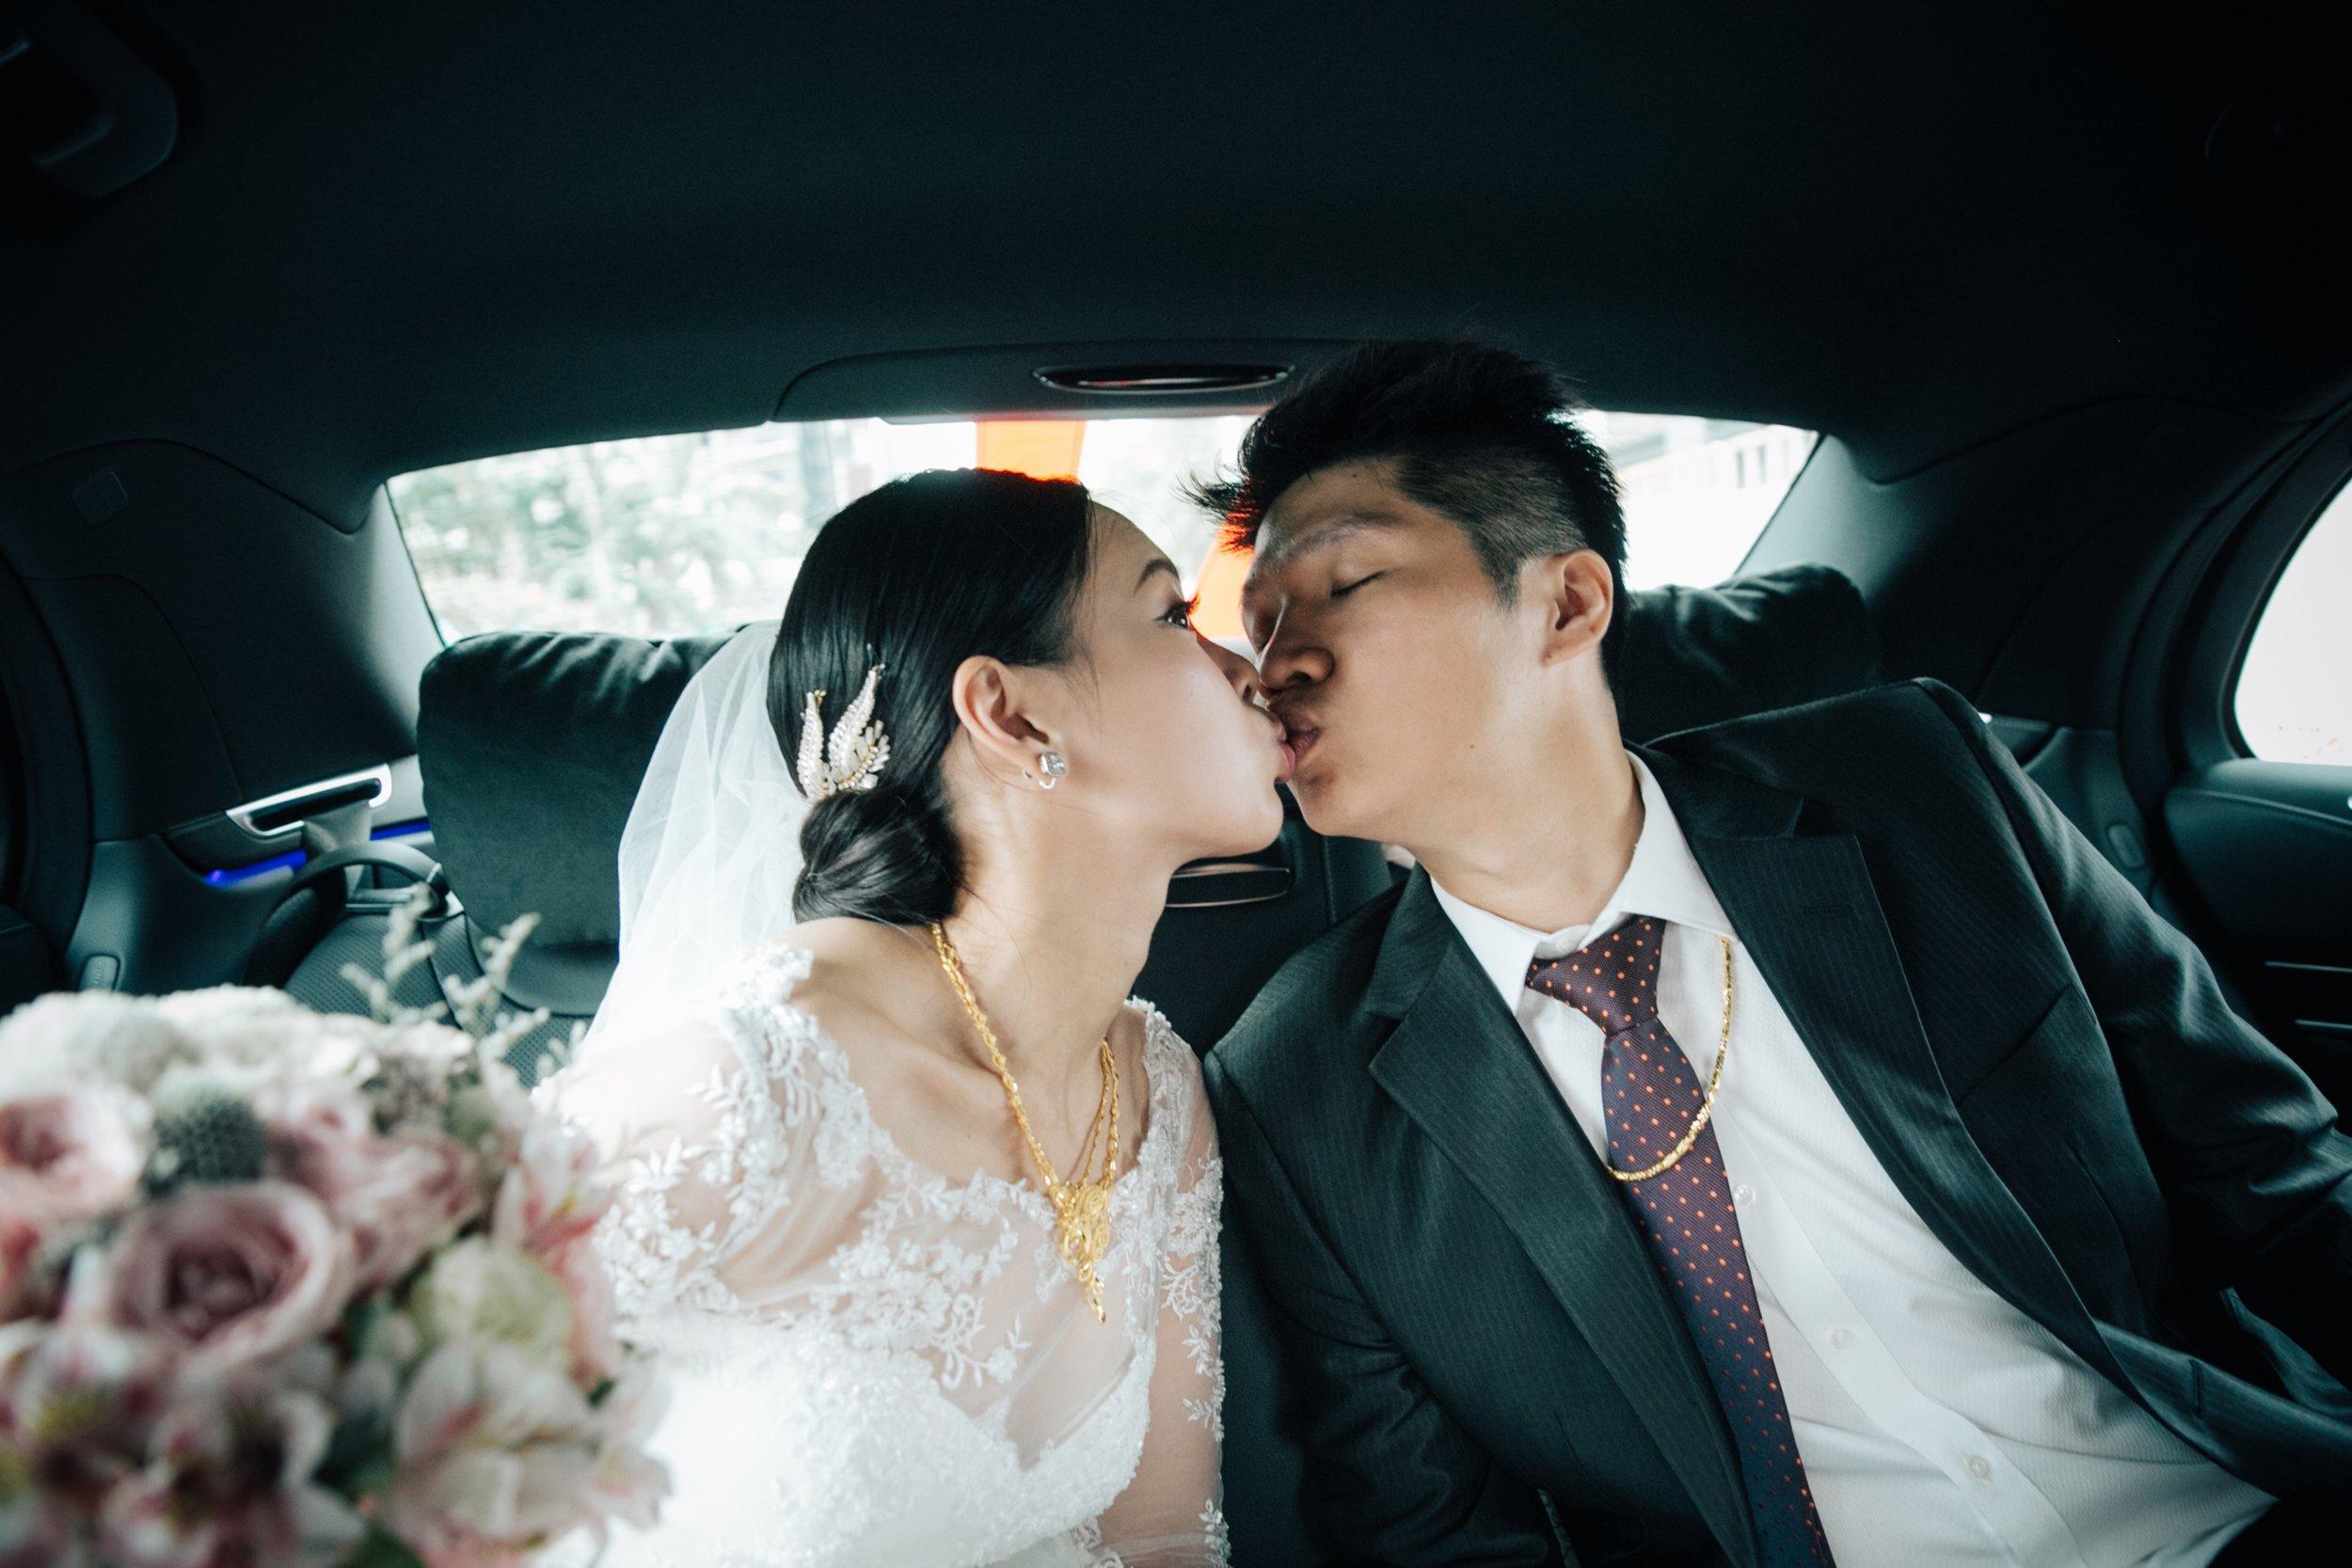 婚禮紀實-karen-ching-wedding-長榮空服-文定迎娶晚宴-新莊典華-dinner-taipei_83.jpg